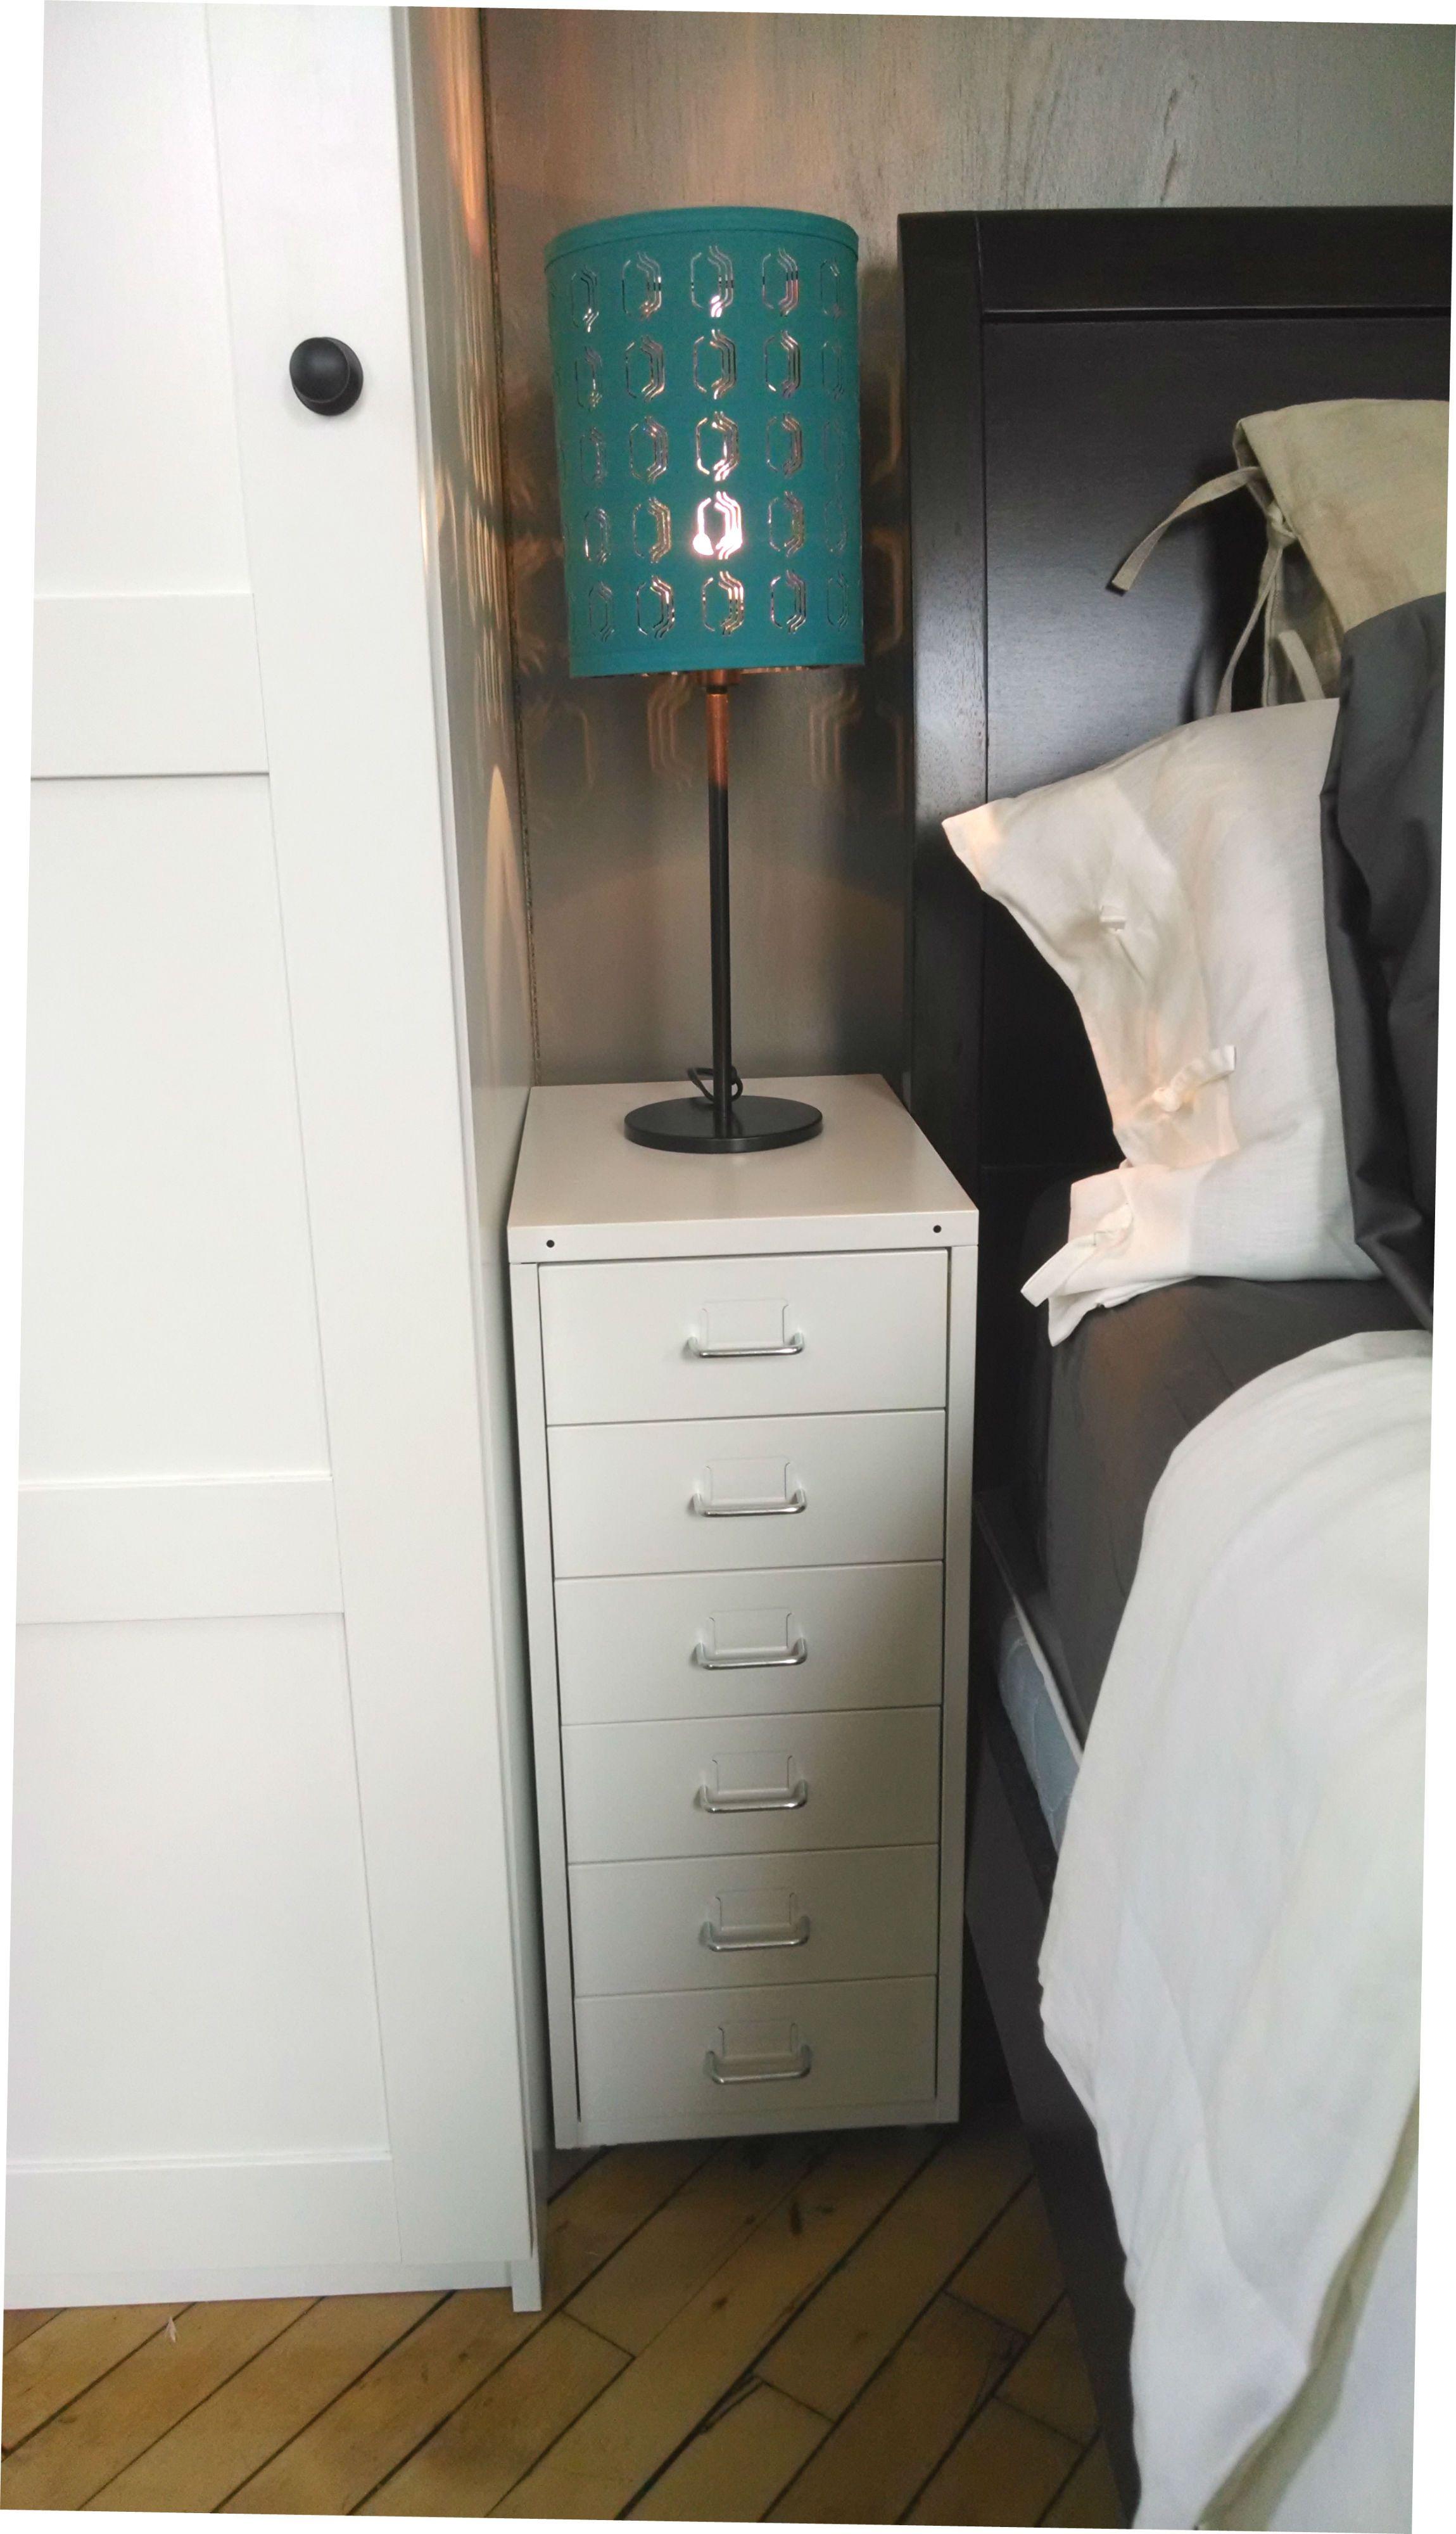 5 Drawer Metal Bedroom Furniture Storage bedside table cabinets Unit on Castors